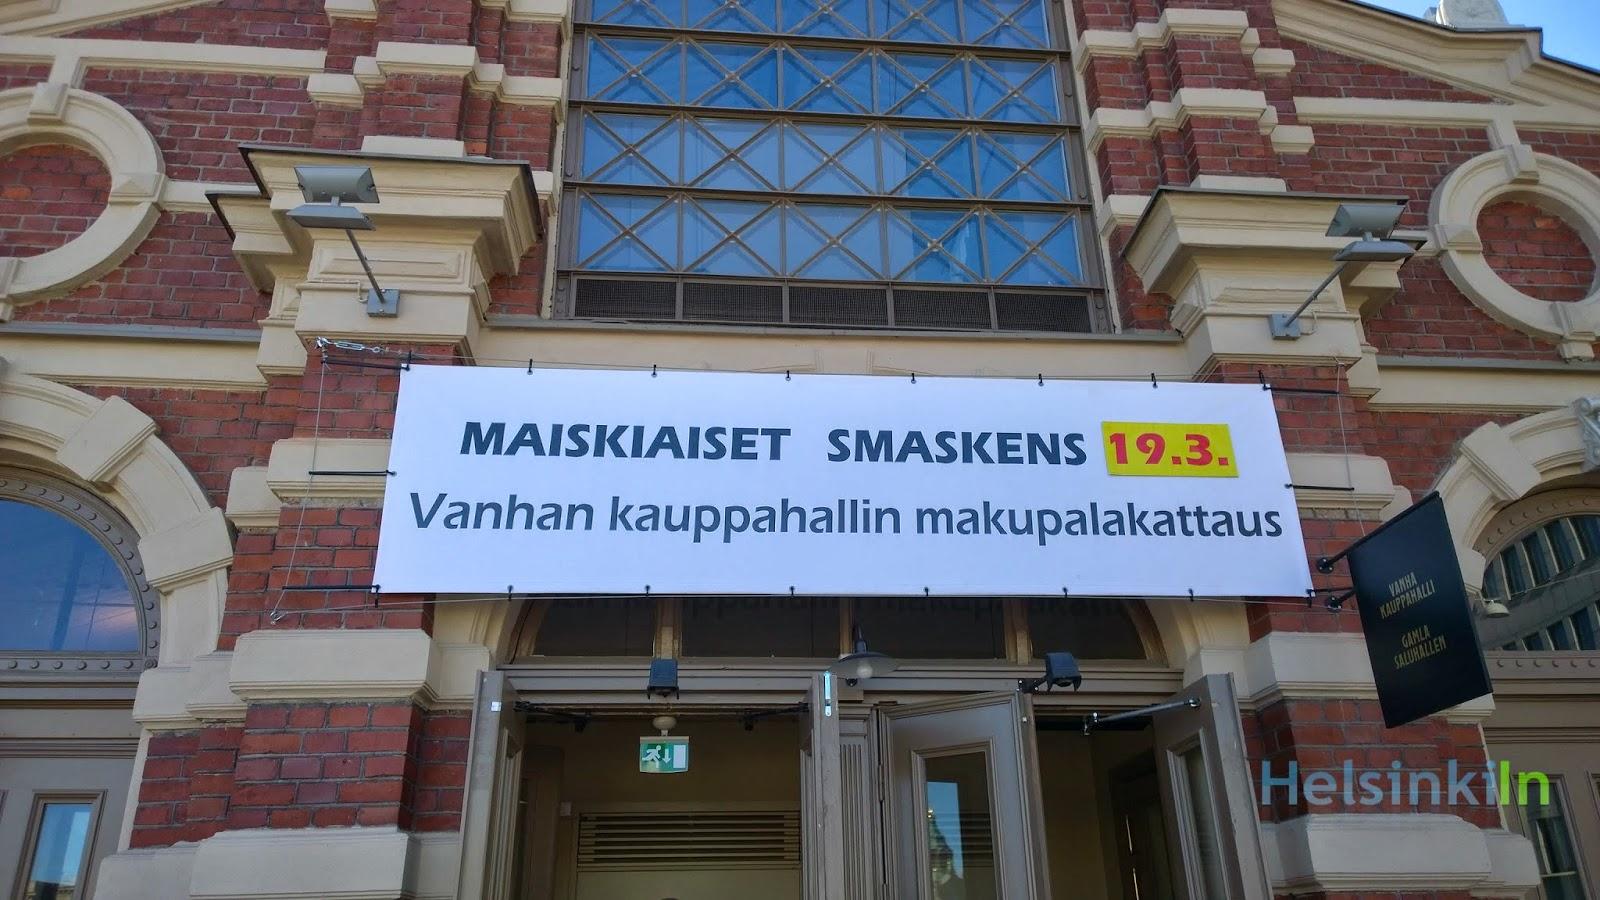 Maiskiaset at Vanha Kaupphalli